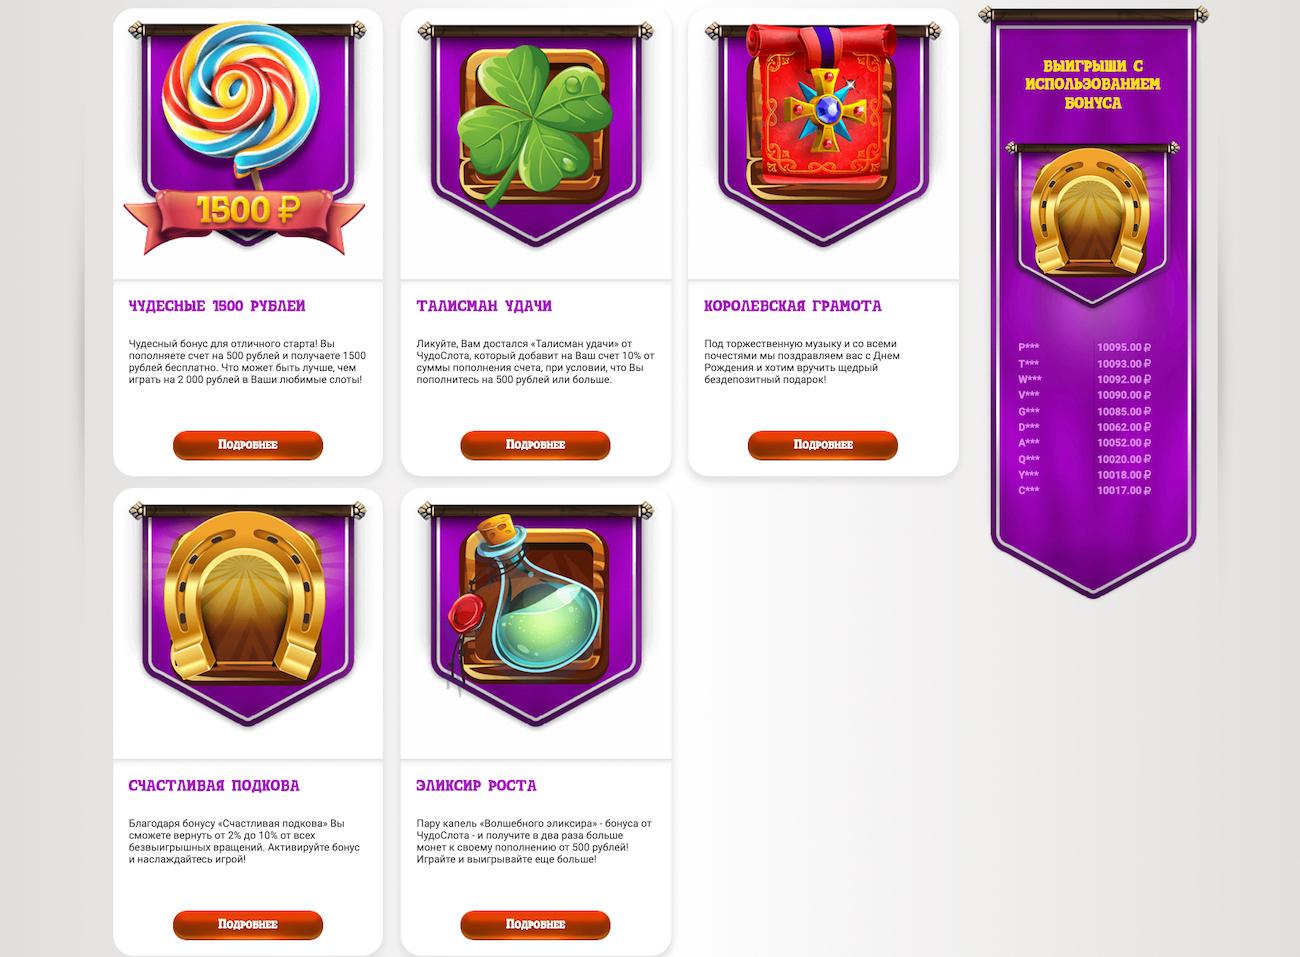 отзывы об онлайн казино чудо слот